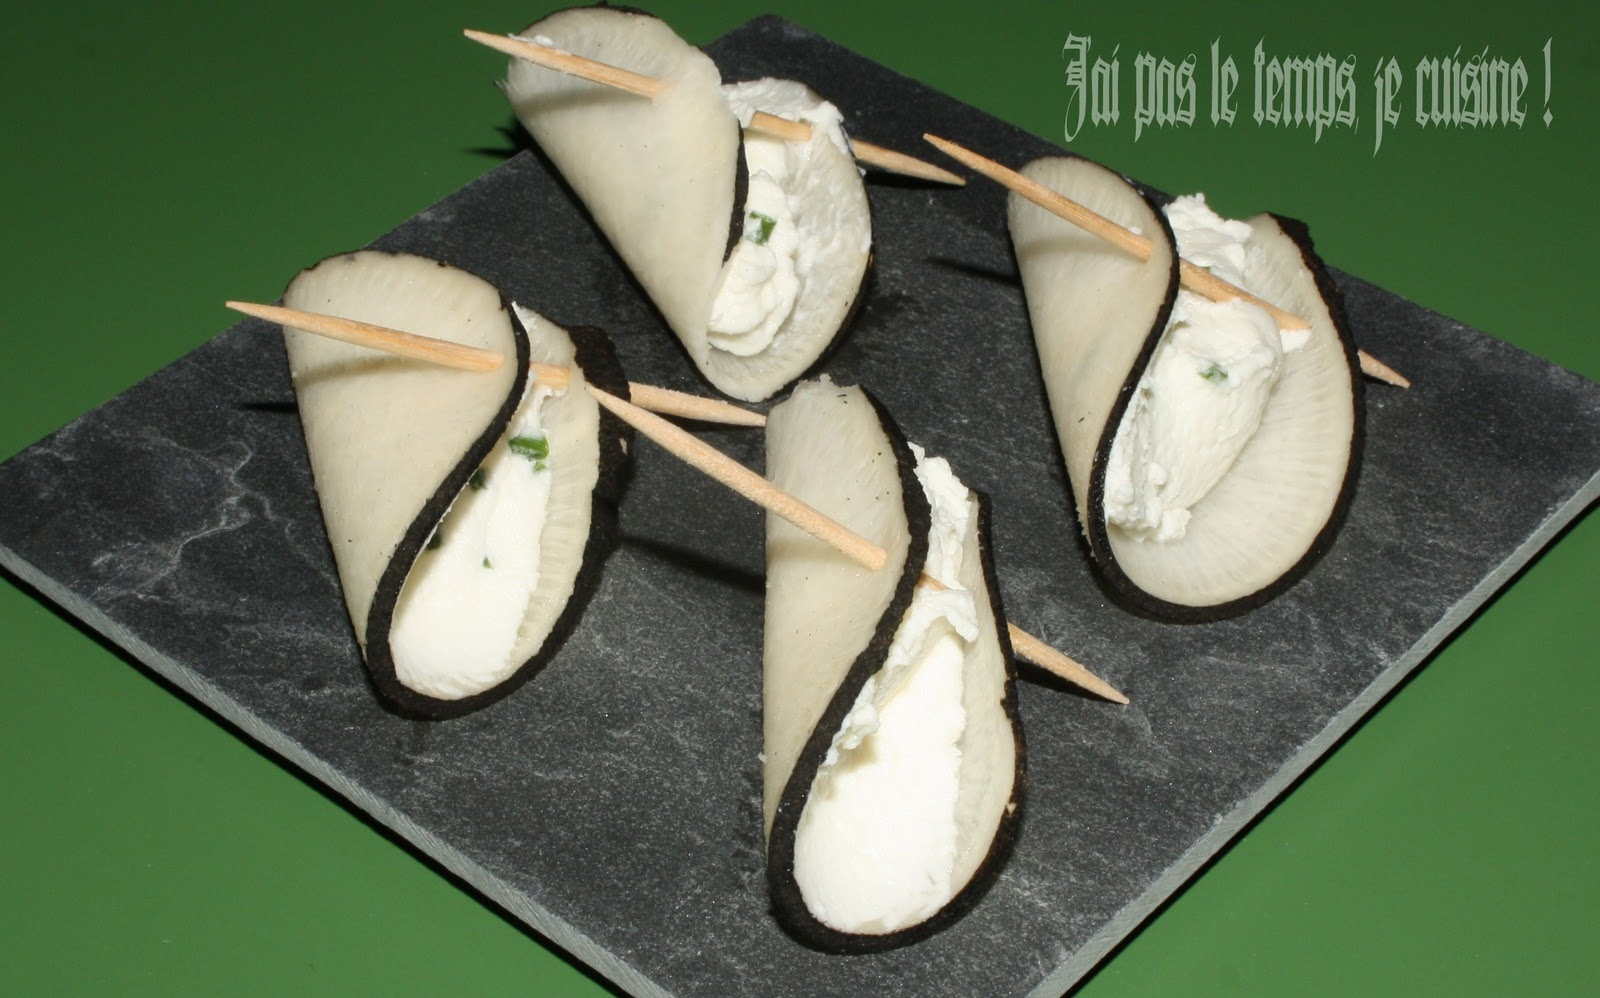 Cuisiner radis noir inspiration de conception de maison - Cuisiner le radis noir cru ...